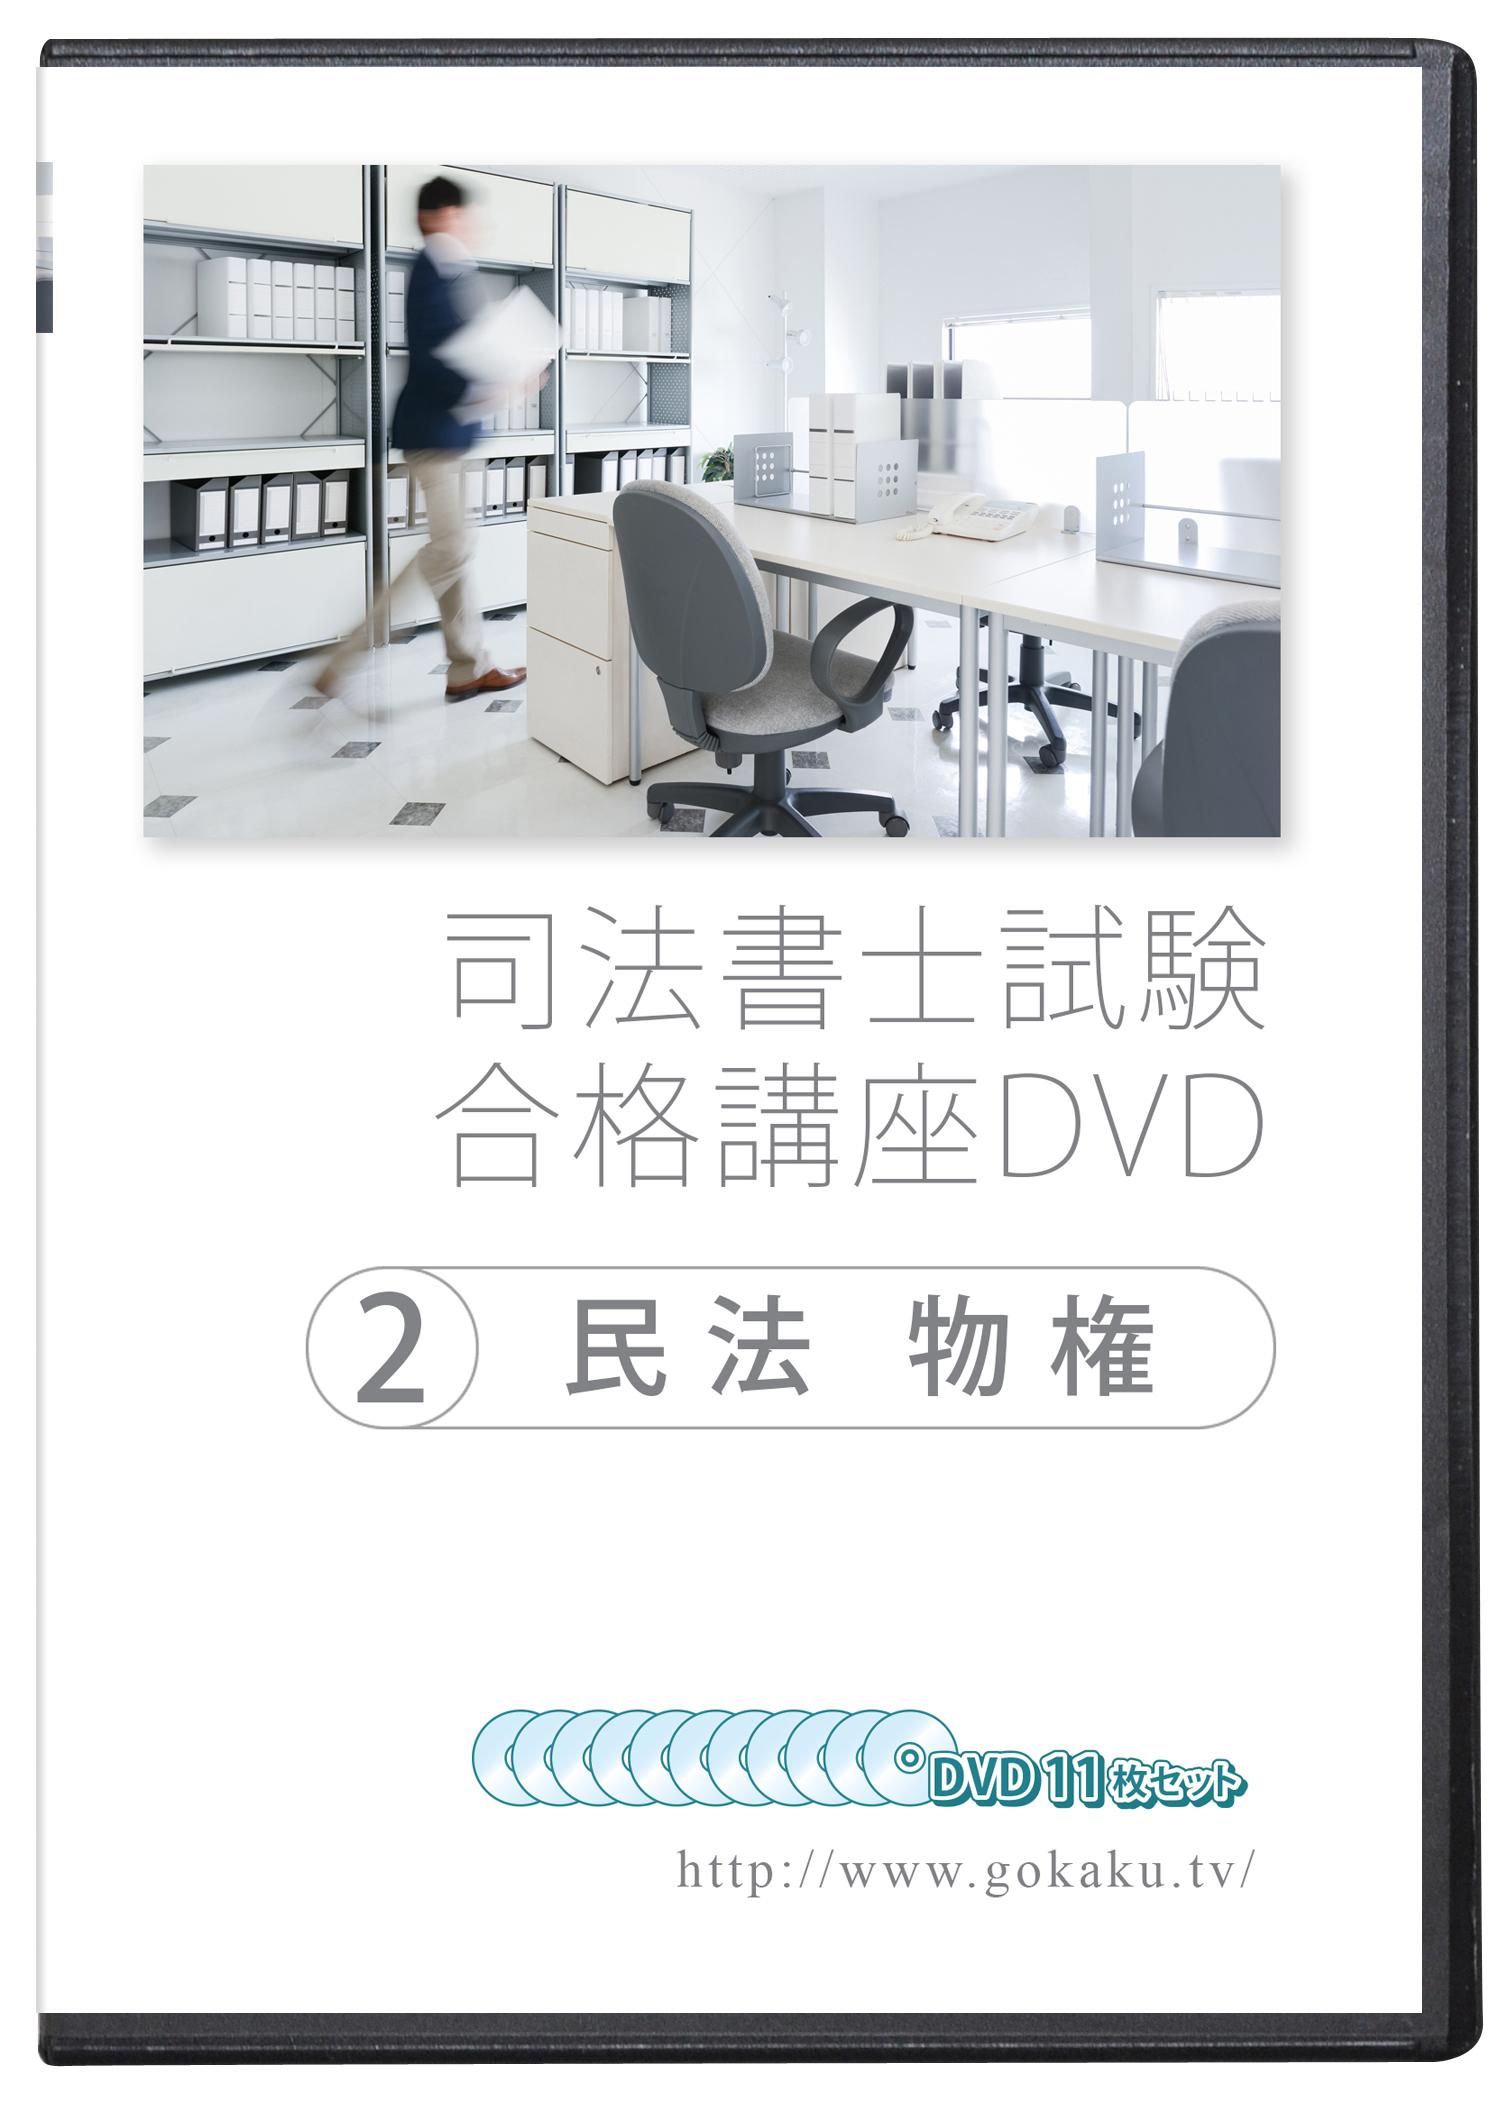 2021-2022年 司法書士試験合格講座DVD 2民法物権 買物 PDF テキスト付き 格安 価格でご提供いたします DVD11枚セット